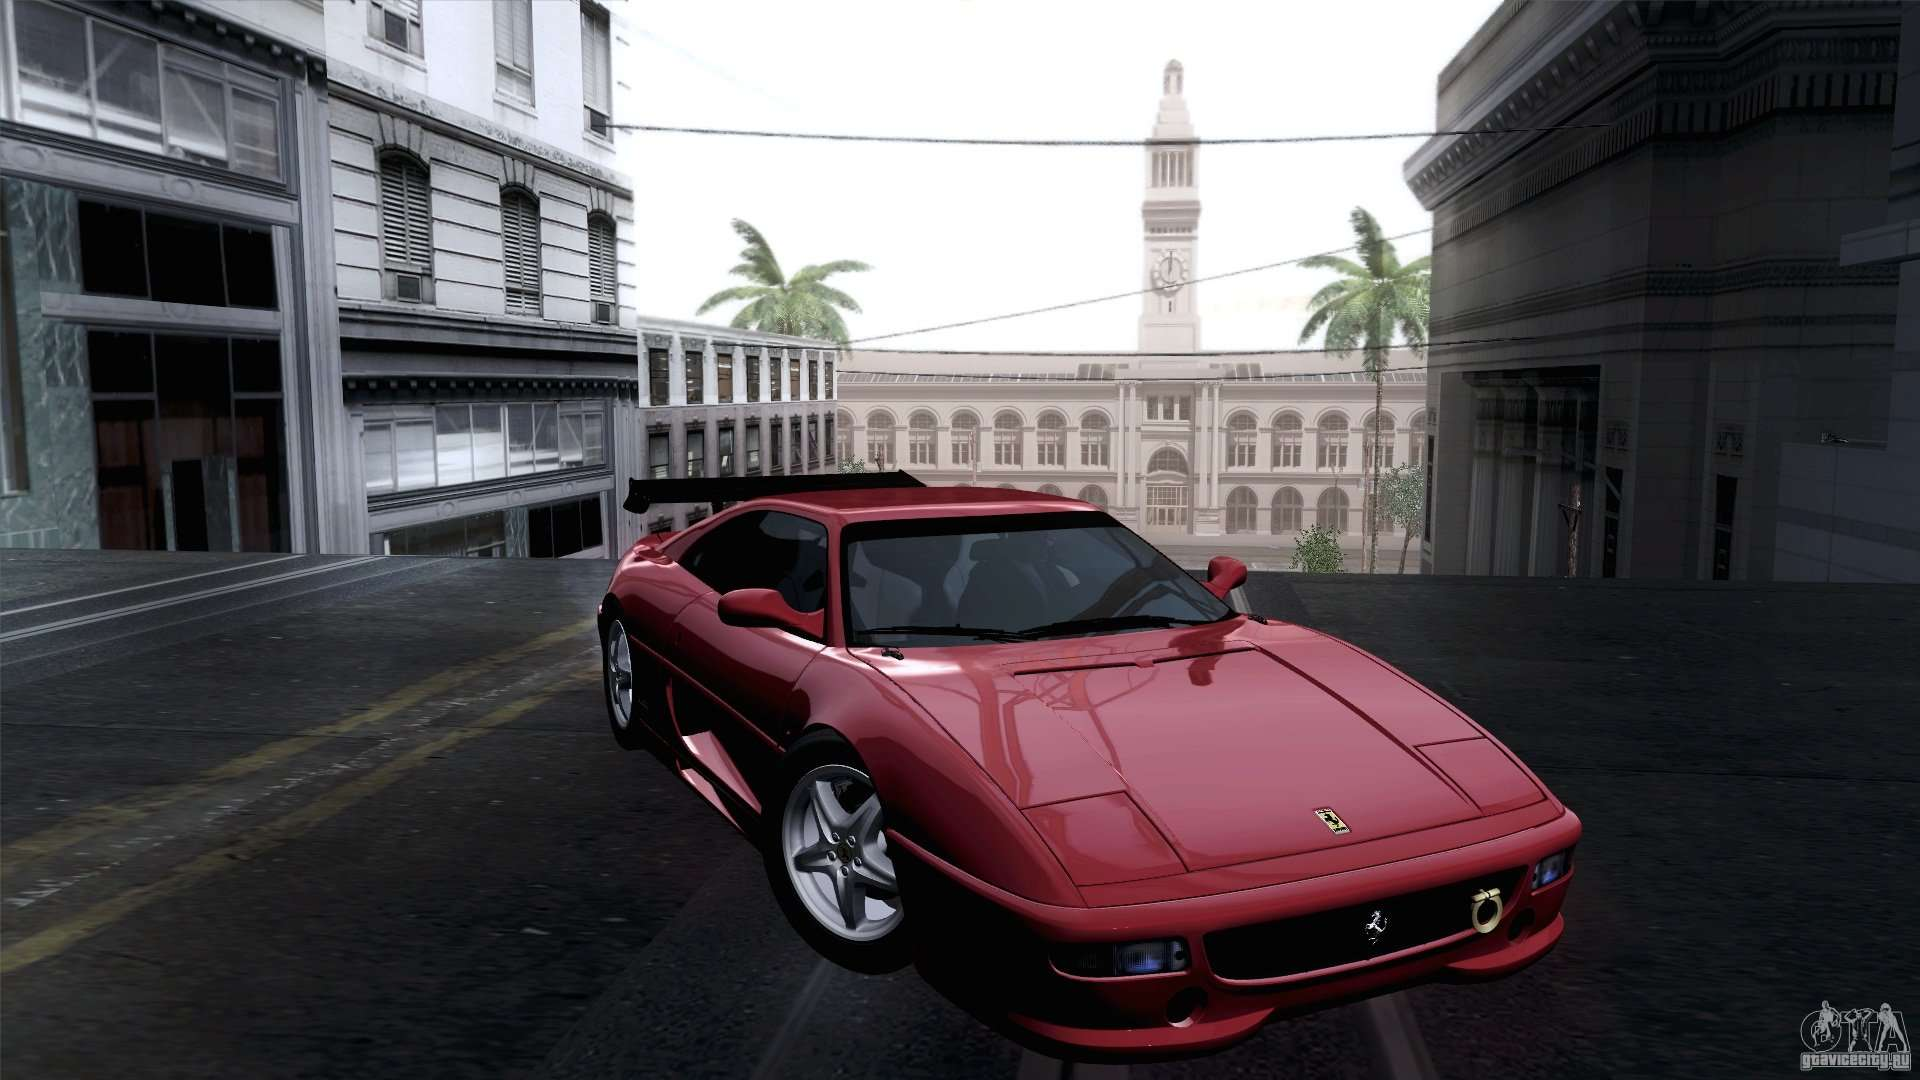 20 Beautiful Ferrari 512 Tr Gta Sa - Italian Supercar on ferrari 328 gts, ferrari 456 m, ferrari 599xx, ferrari testarossa, ferrari f355, ferrari california, ferrari 512m, ferrari 458 italia, ferrari f12, ferrari 599 gtb fiorano, ferrari f512m, ferrari 550 maranello, ferrari 456 gt, ferrari 458 grigio medio, ferrari f50, ferrari gto, ferrari f40, ferrari 612 scaglietti,